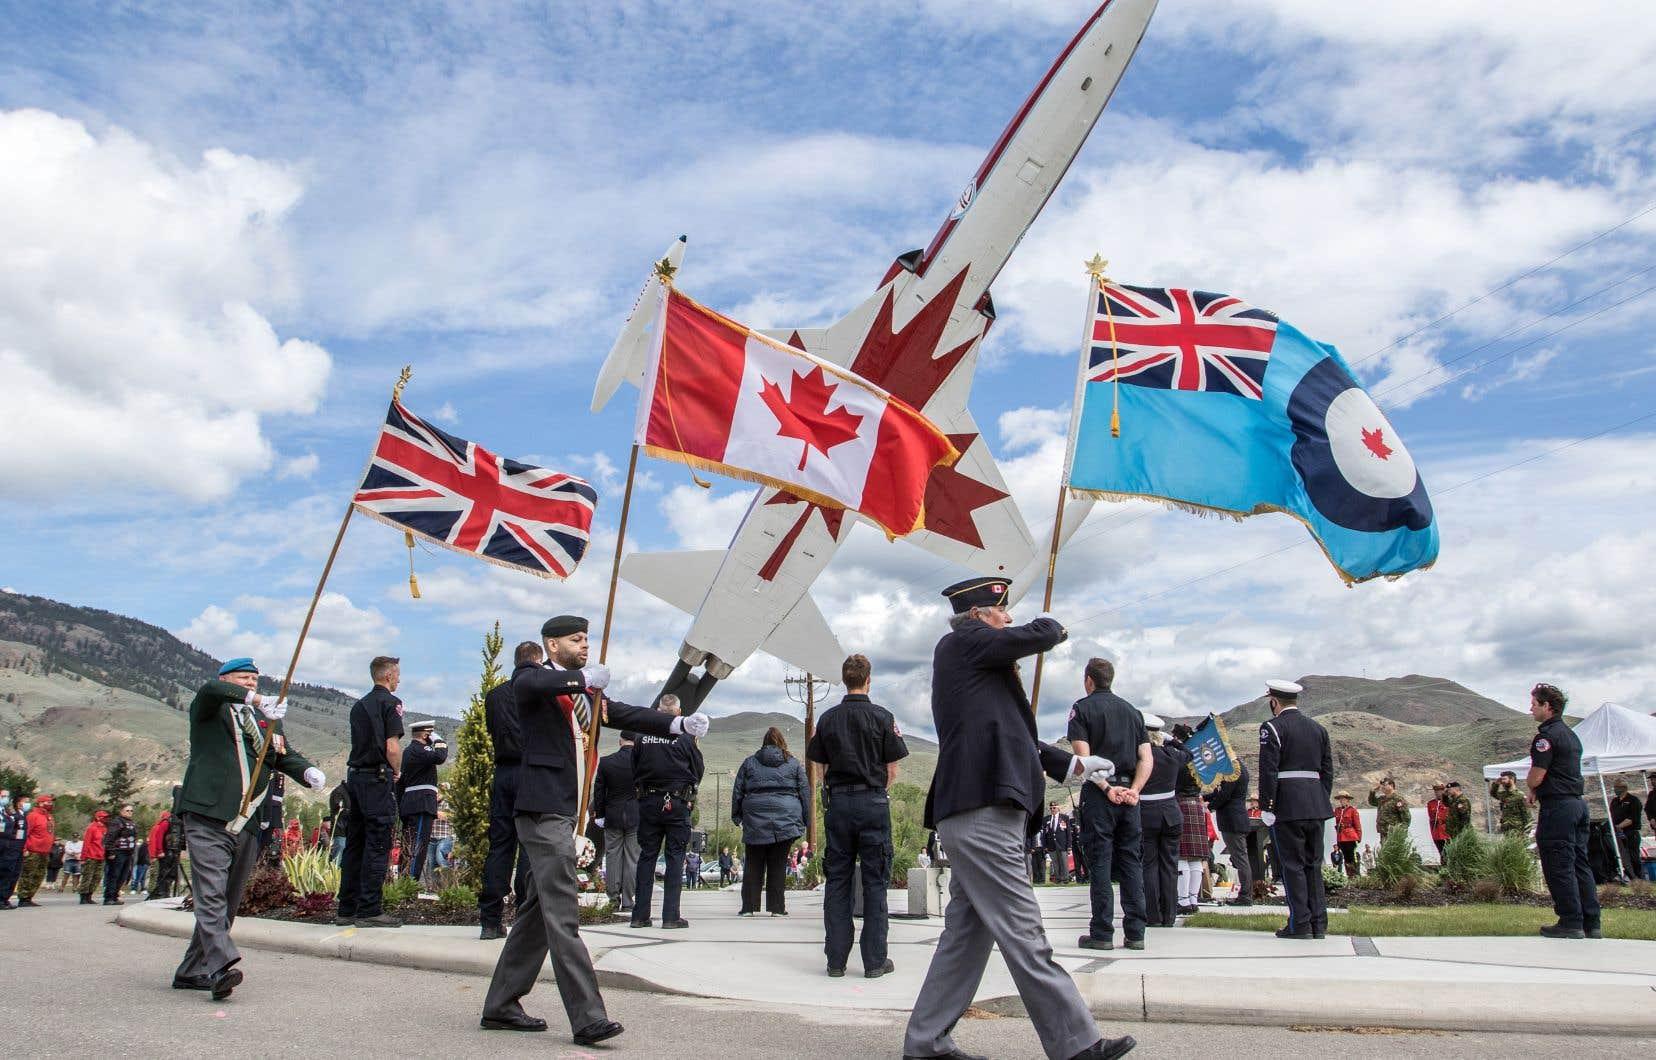 Au moment de la tragédie, l'équipe de voltige aérienne effectuait une tournée pancanadienne dans le but de remonter le moral des Canadiens pendant la pandémie de COVID-19.